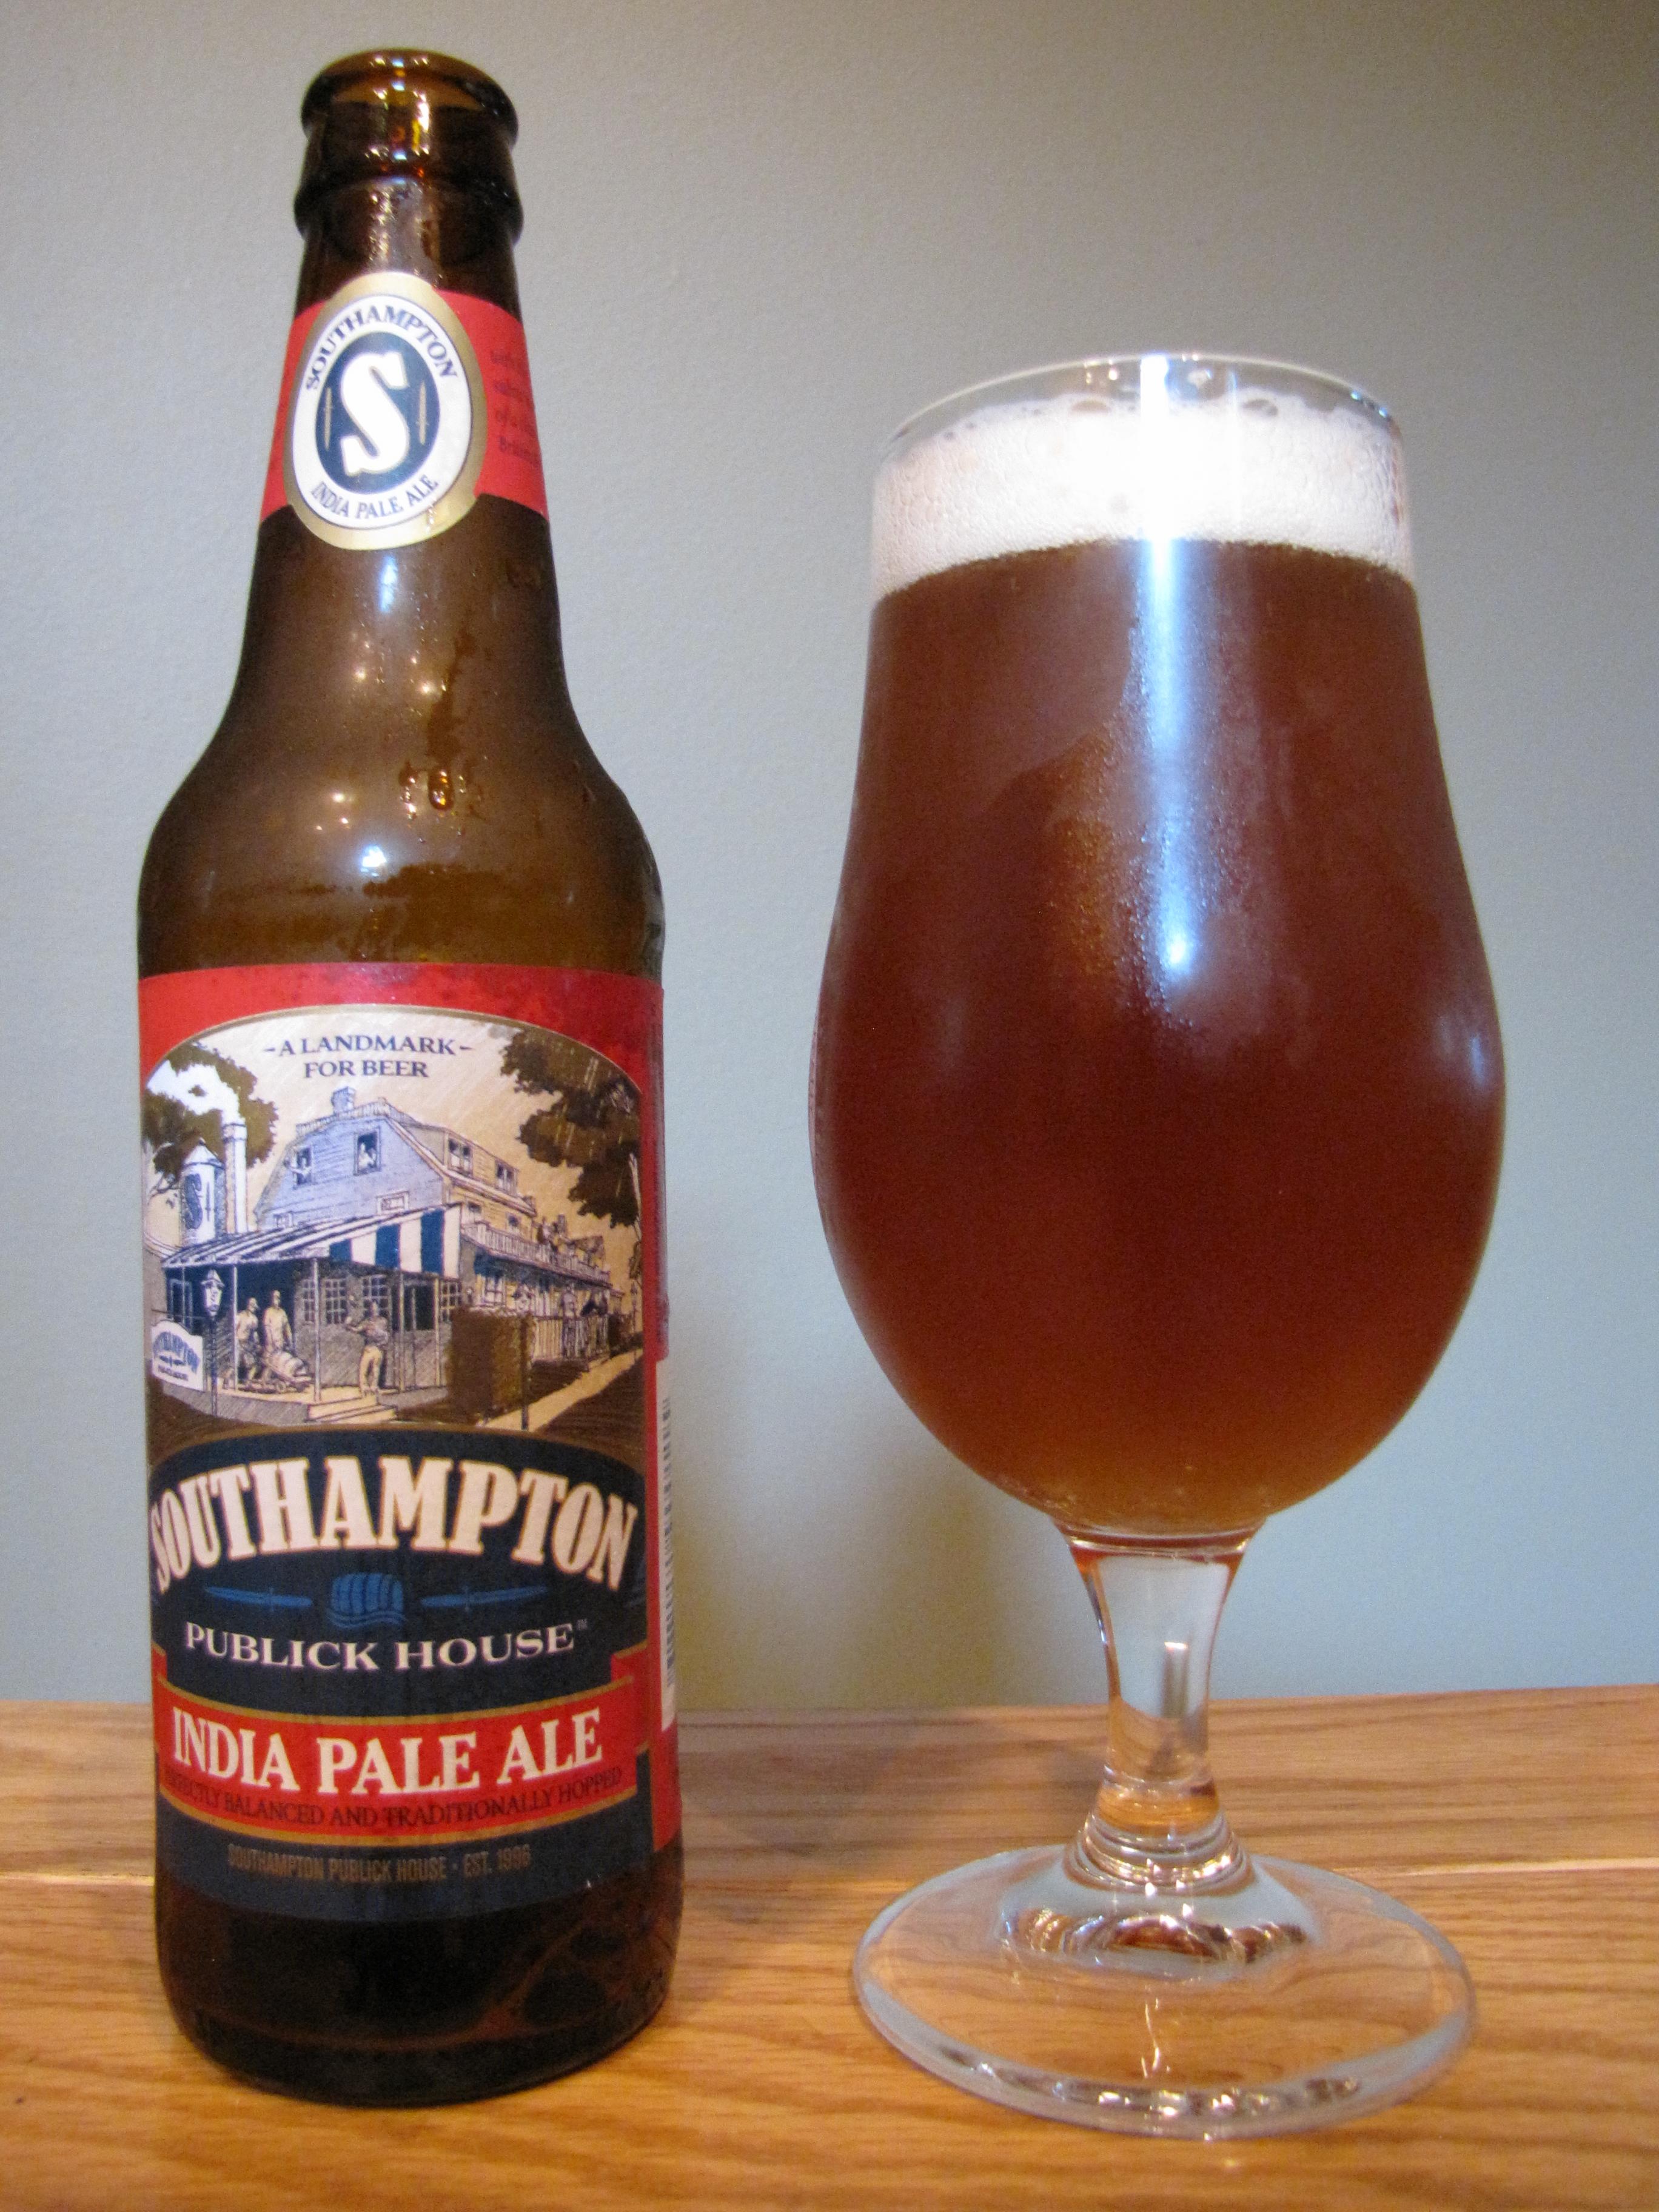 Southampton IPA